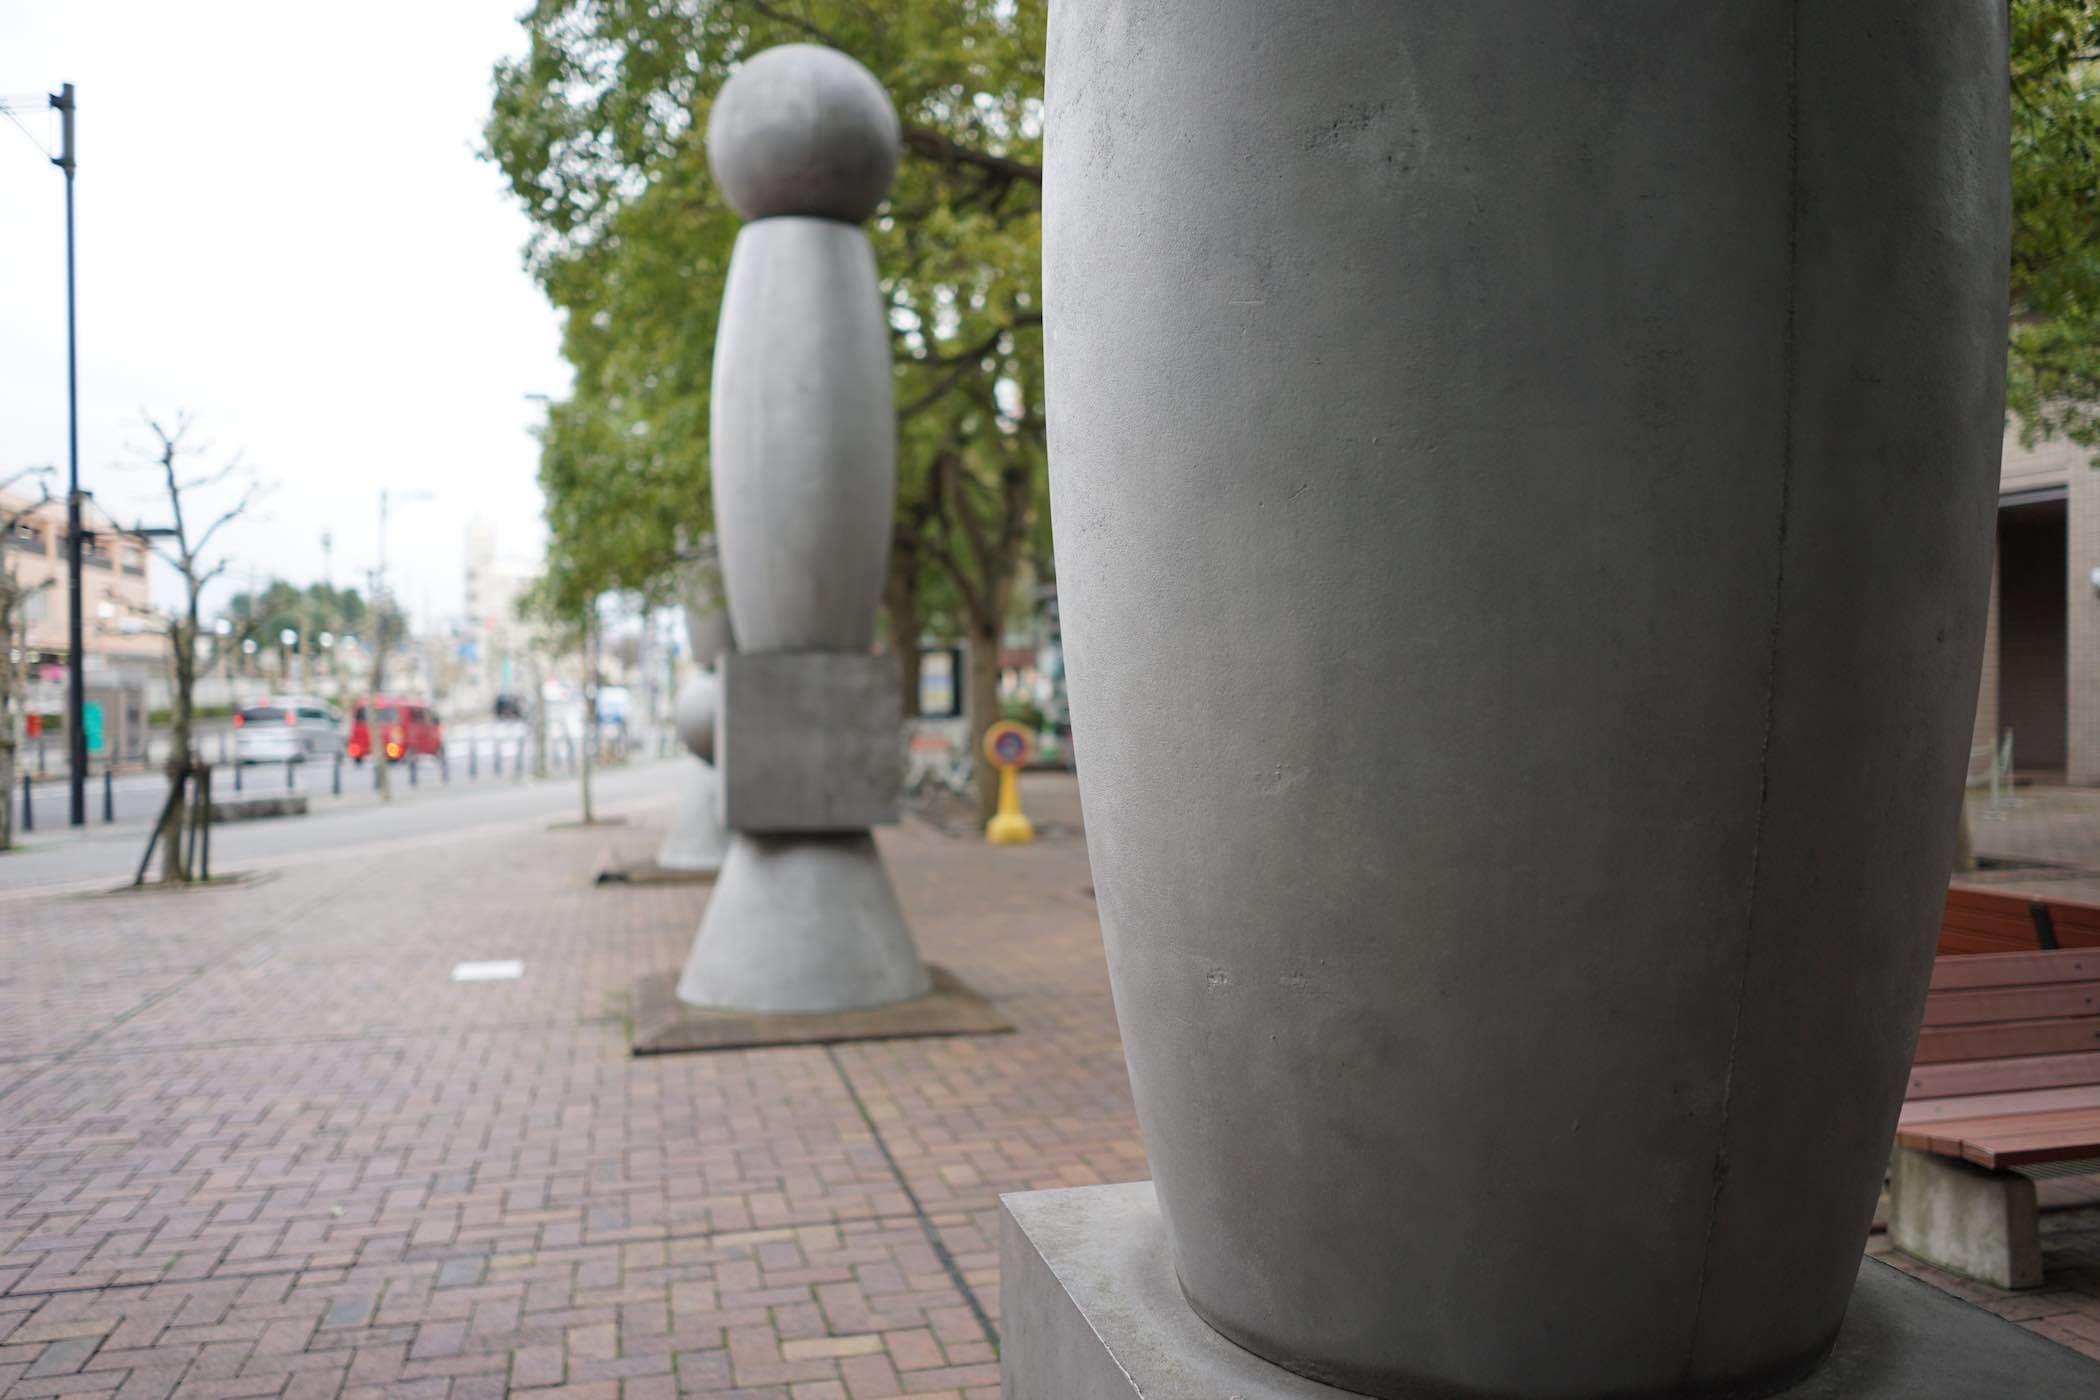 府中駅周辺 41_b0360240_18314504.jpg